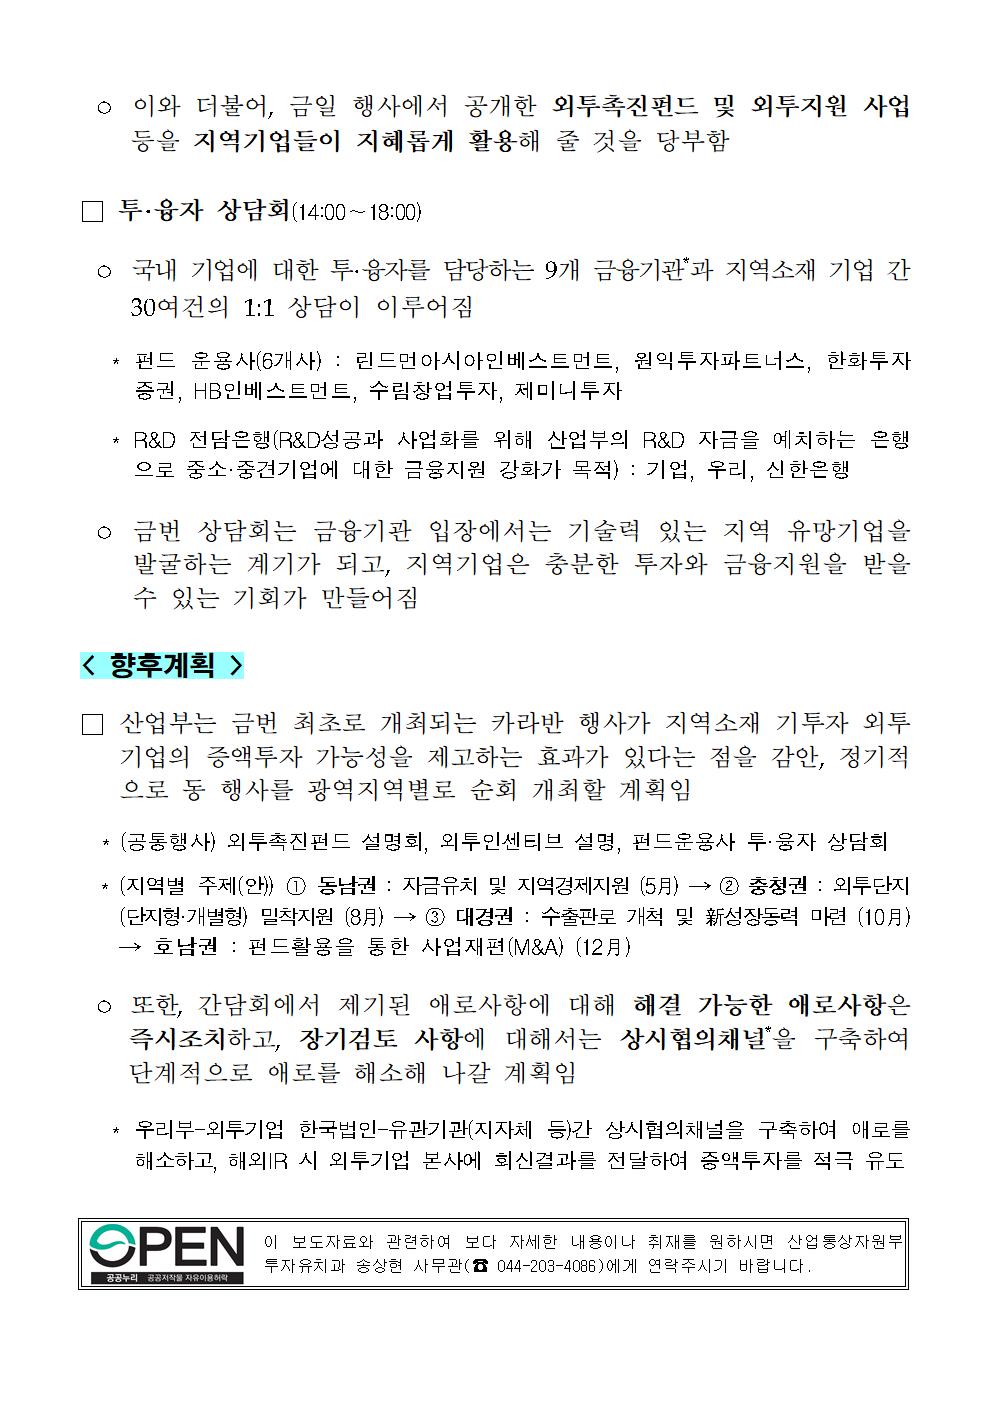 0521 (22일조간) 투자유치과, 제1회 외국인투자 카라반003.png